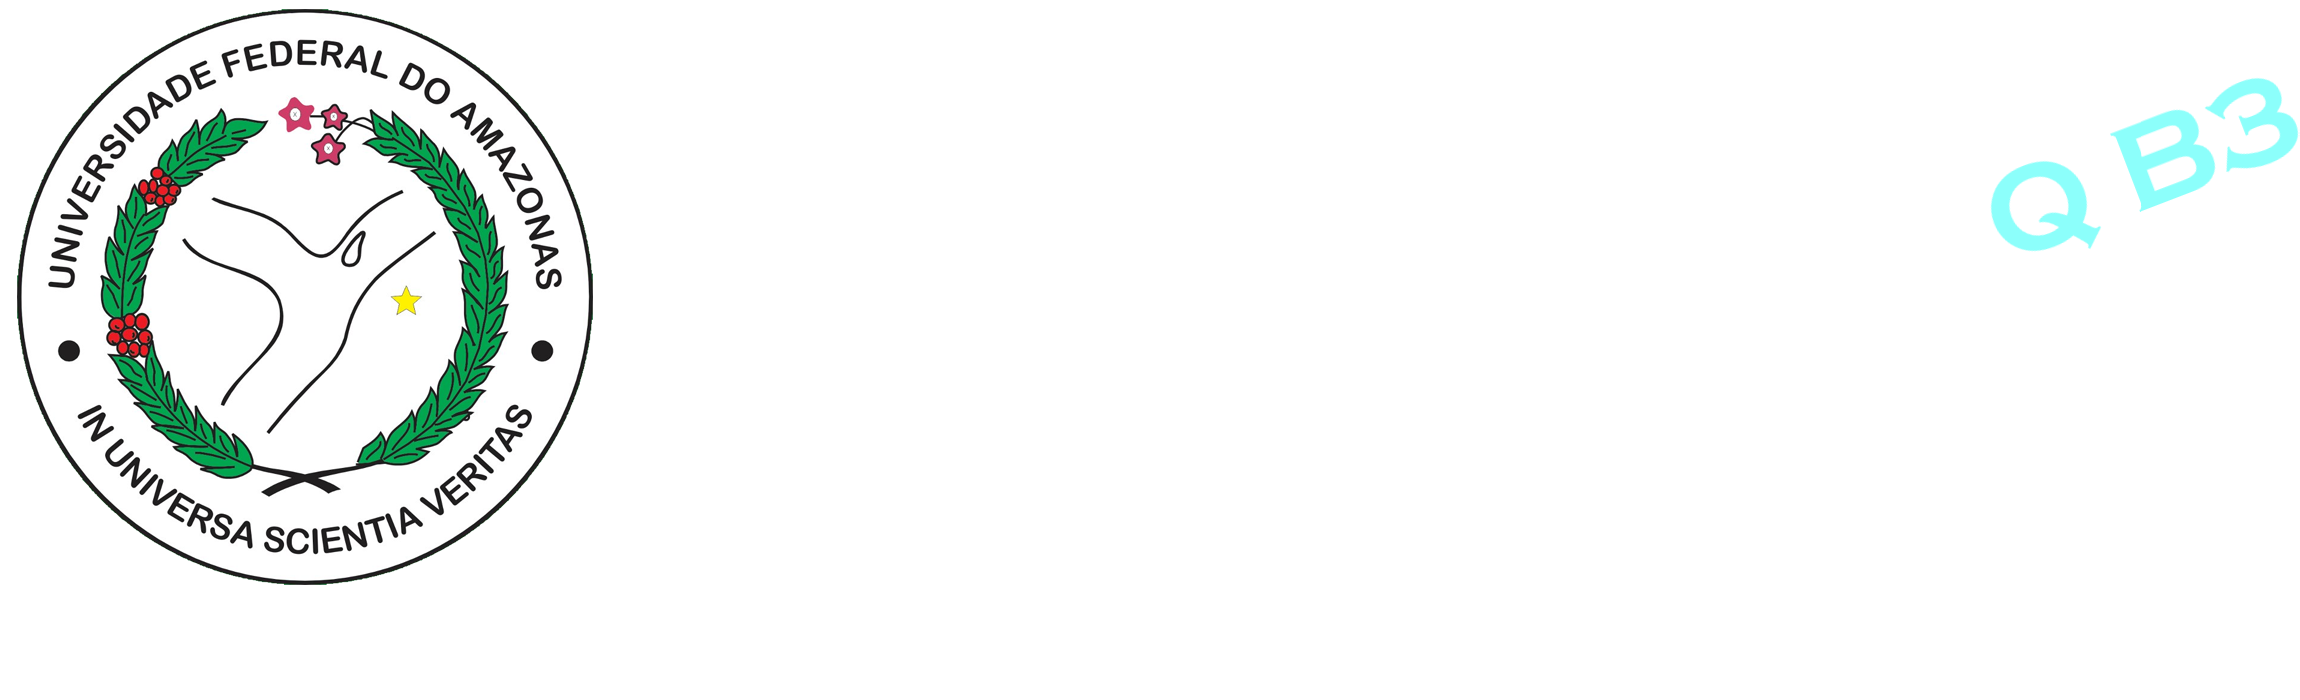 Hon No Mushi